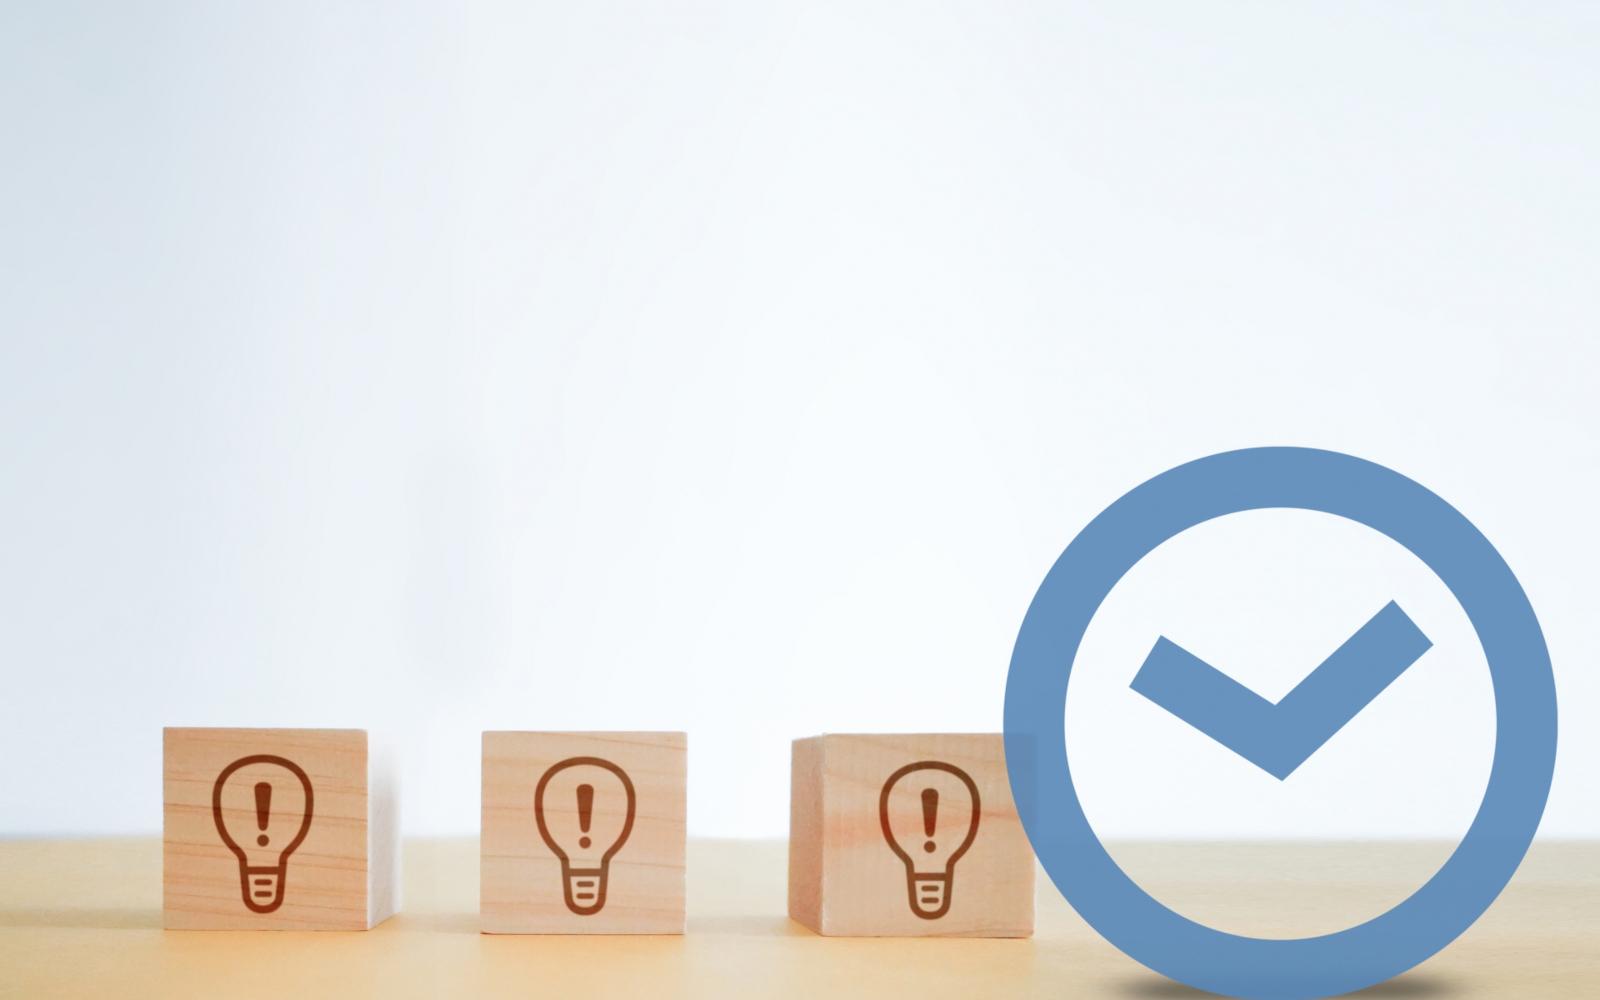 時短勤務とは。制度の概要や企業がおさえておきたいポイント、事例を紹介。イメージ。